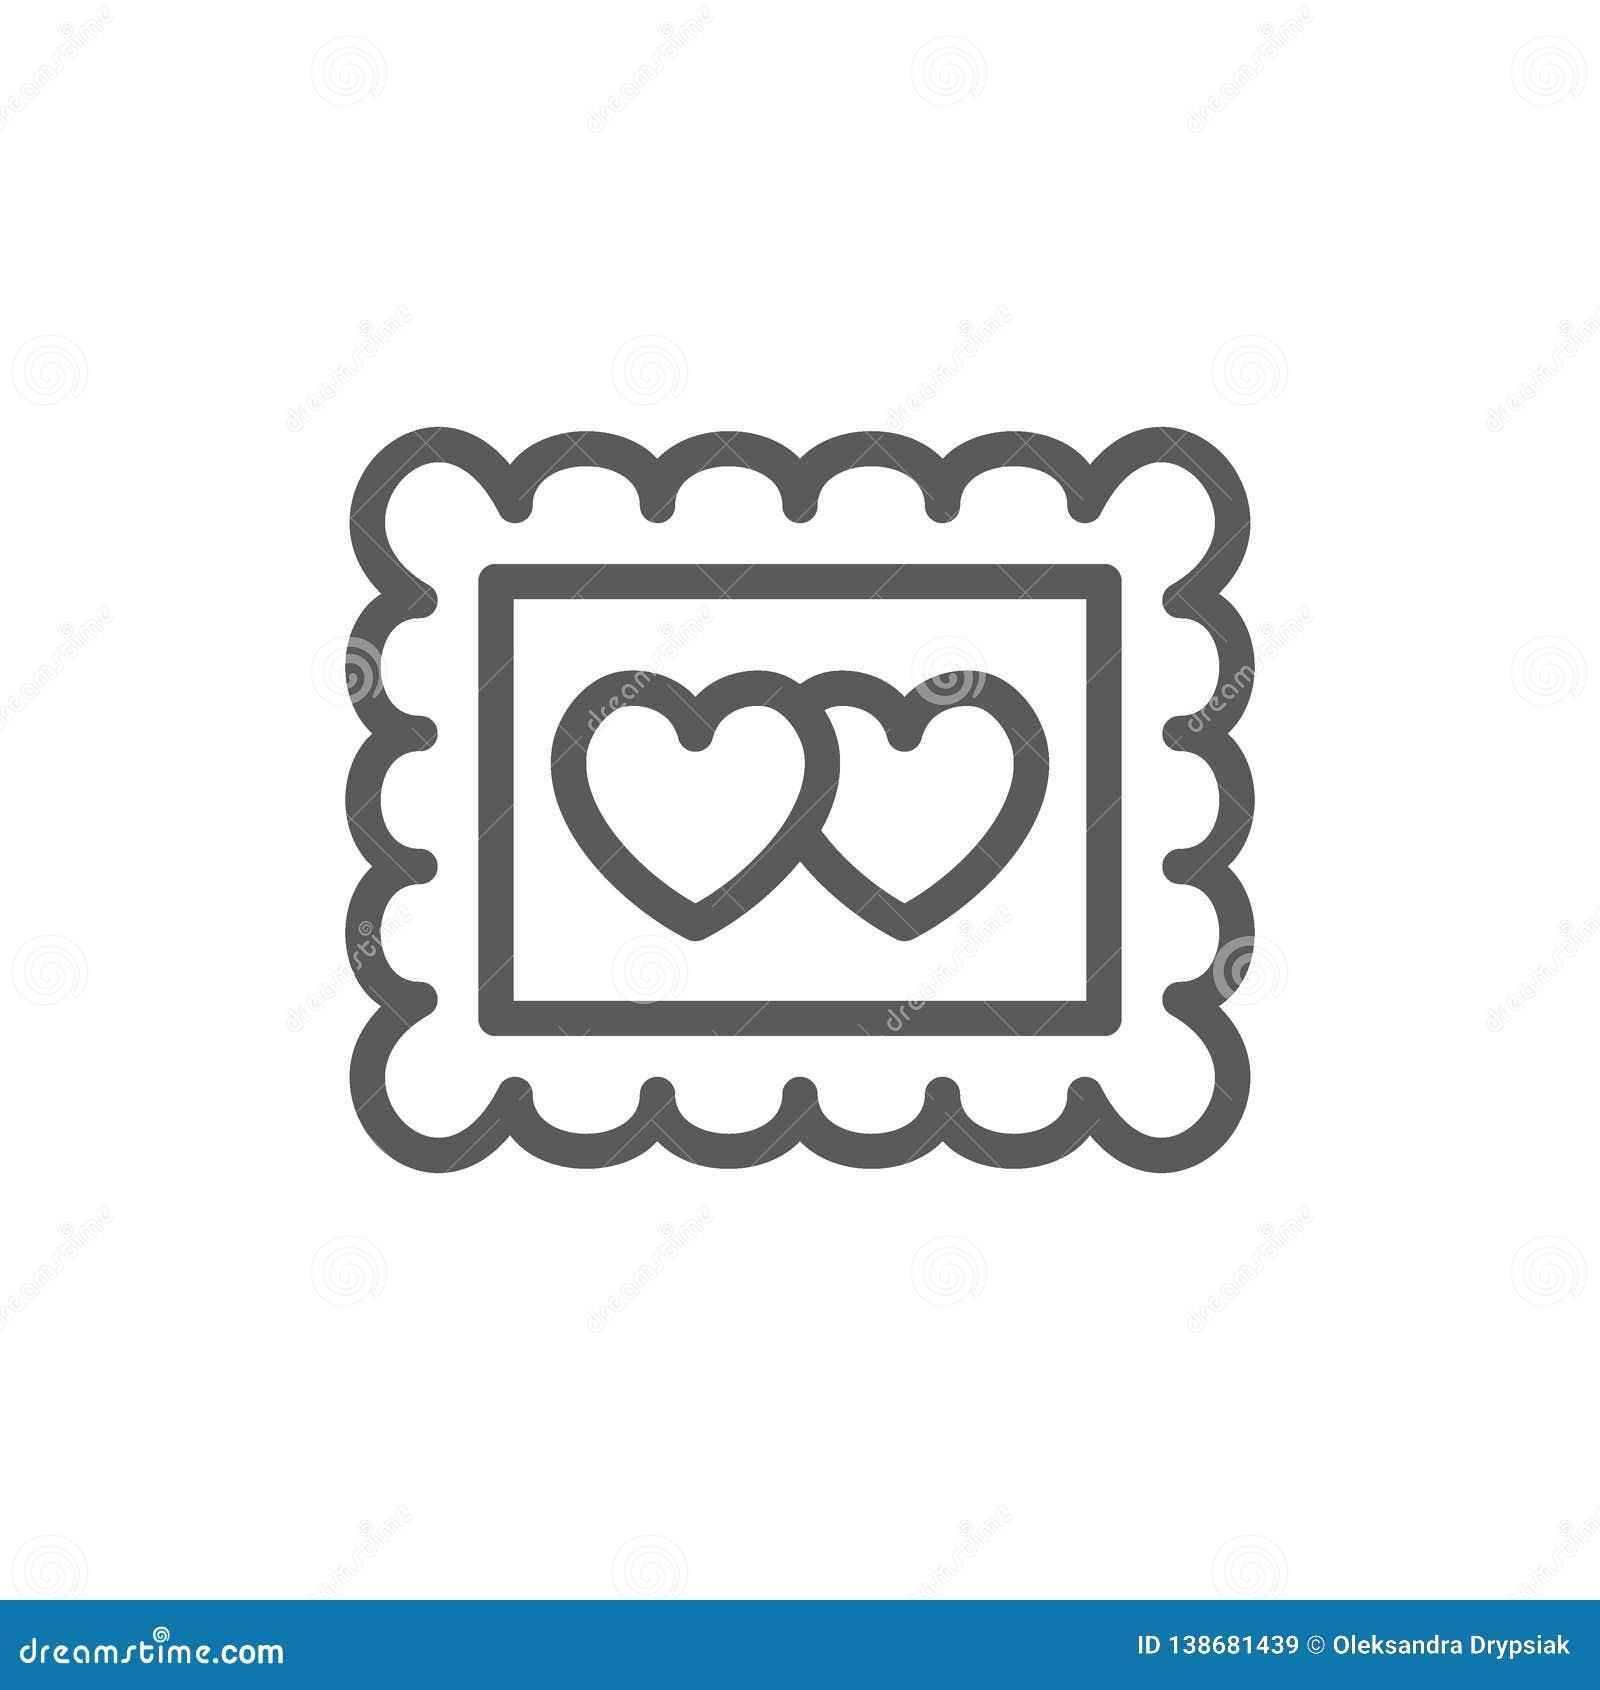 Marco con dos corazones, línea icono de la foto del día de San Valentín